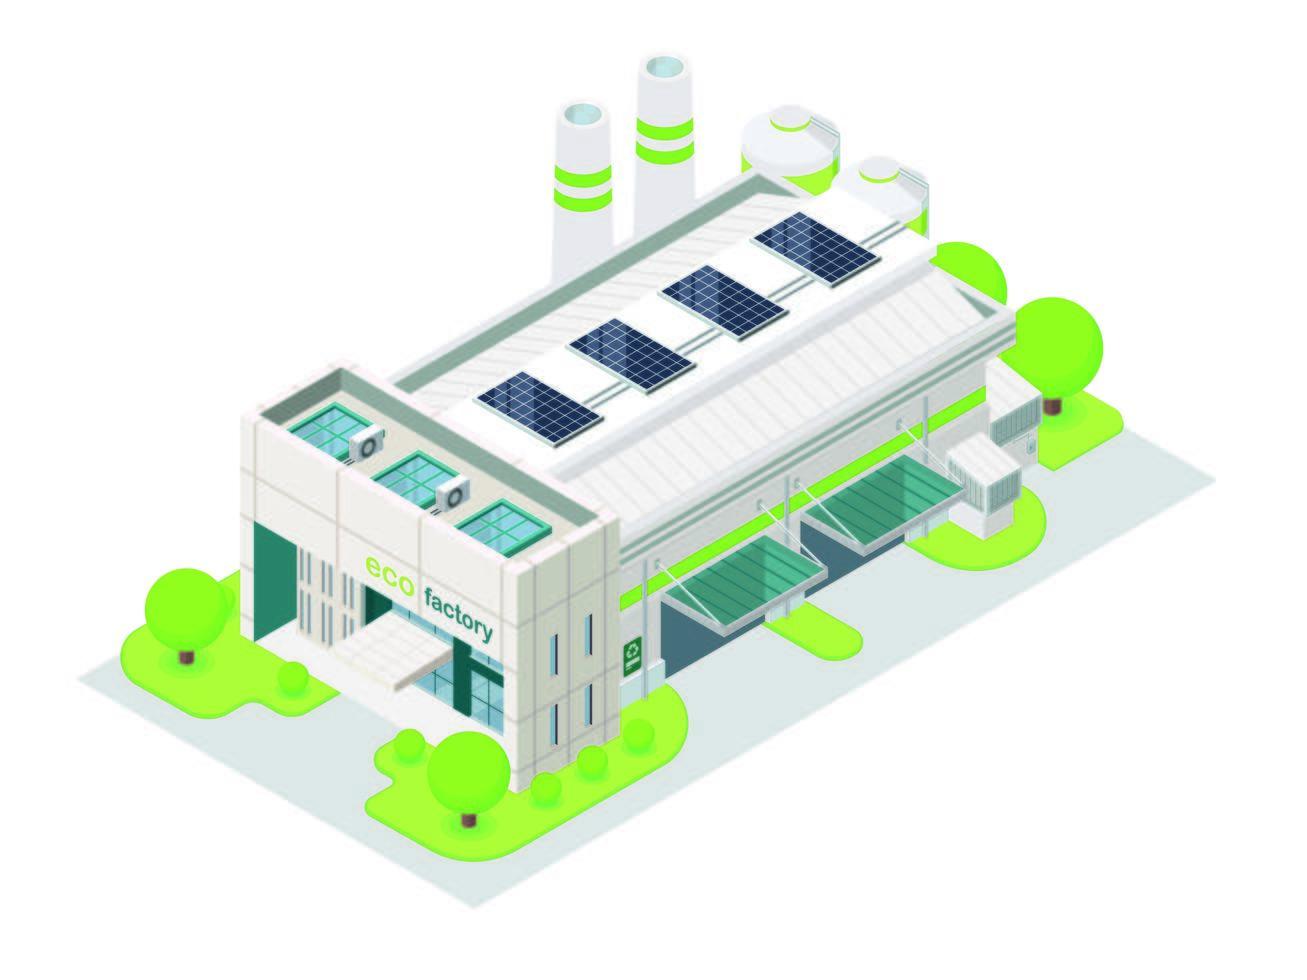 fábrica de ahorro de energía vector